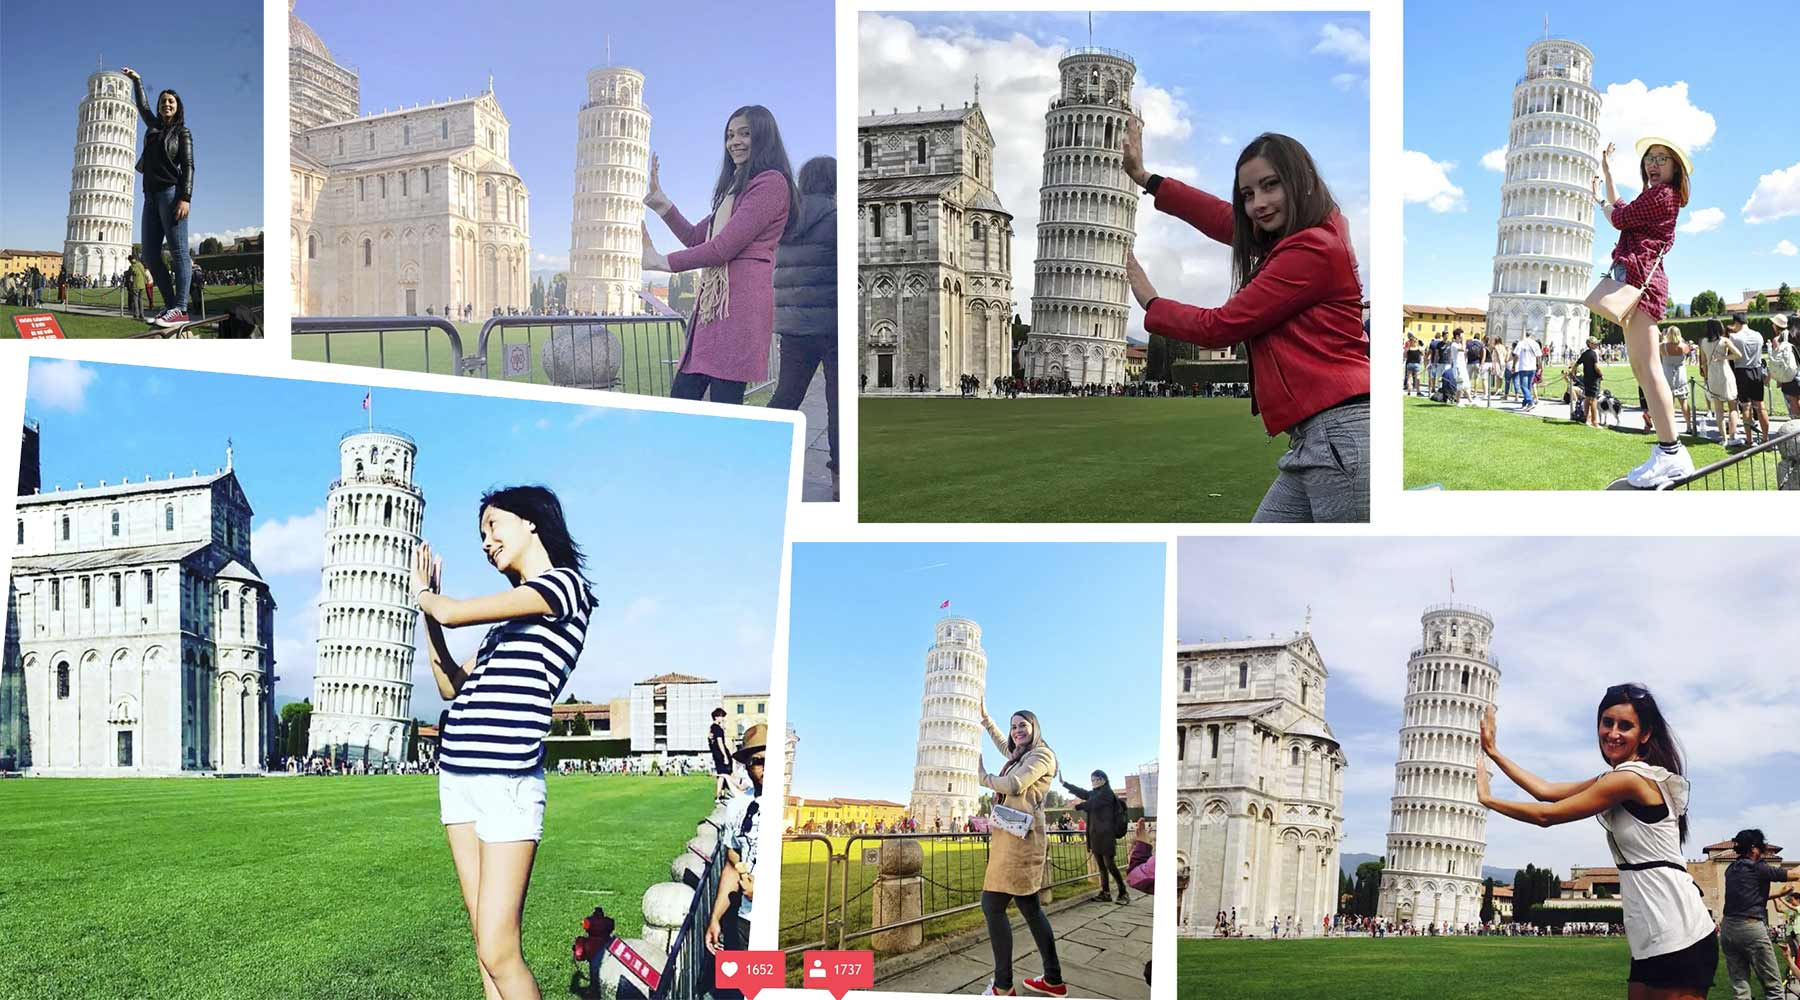 Ein Reisevideo aus klischeehaften Instagram-Fotos